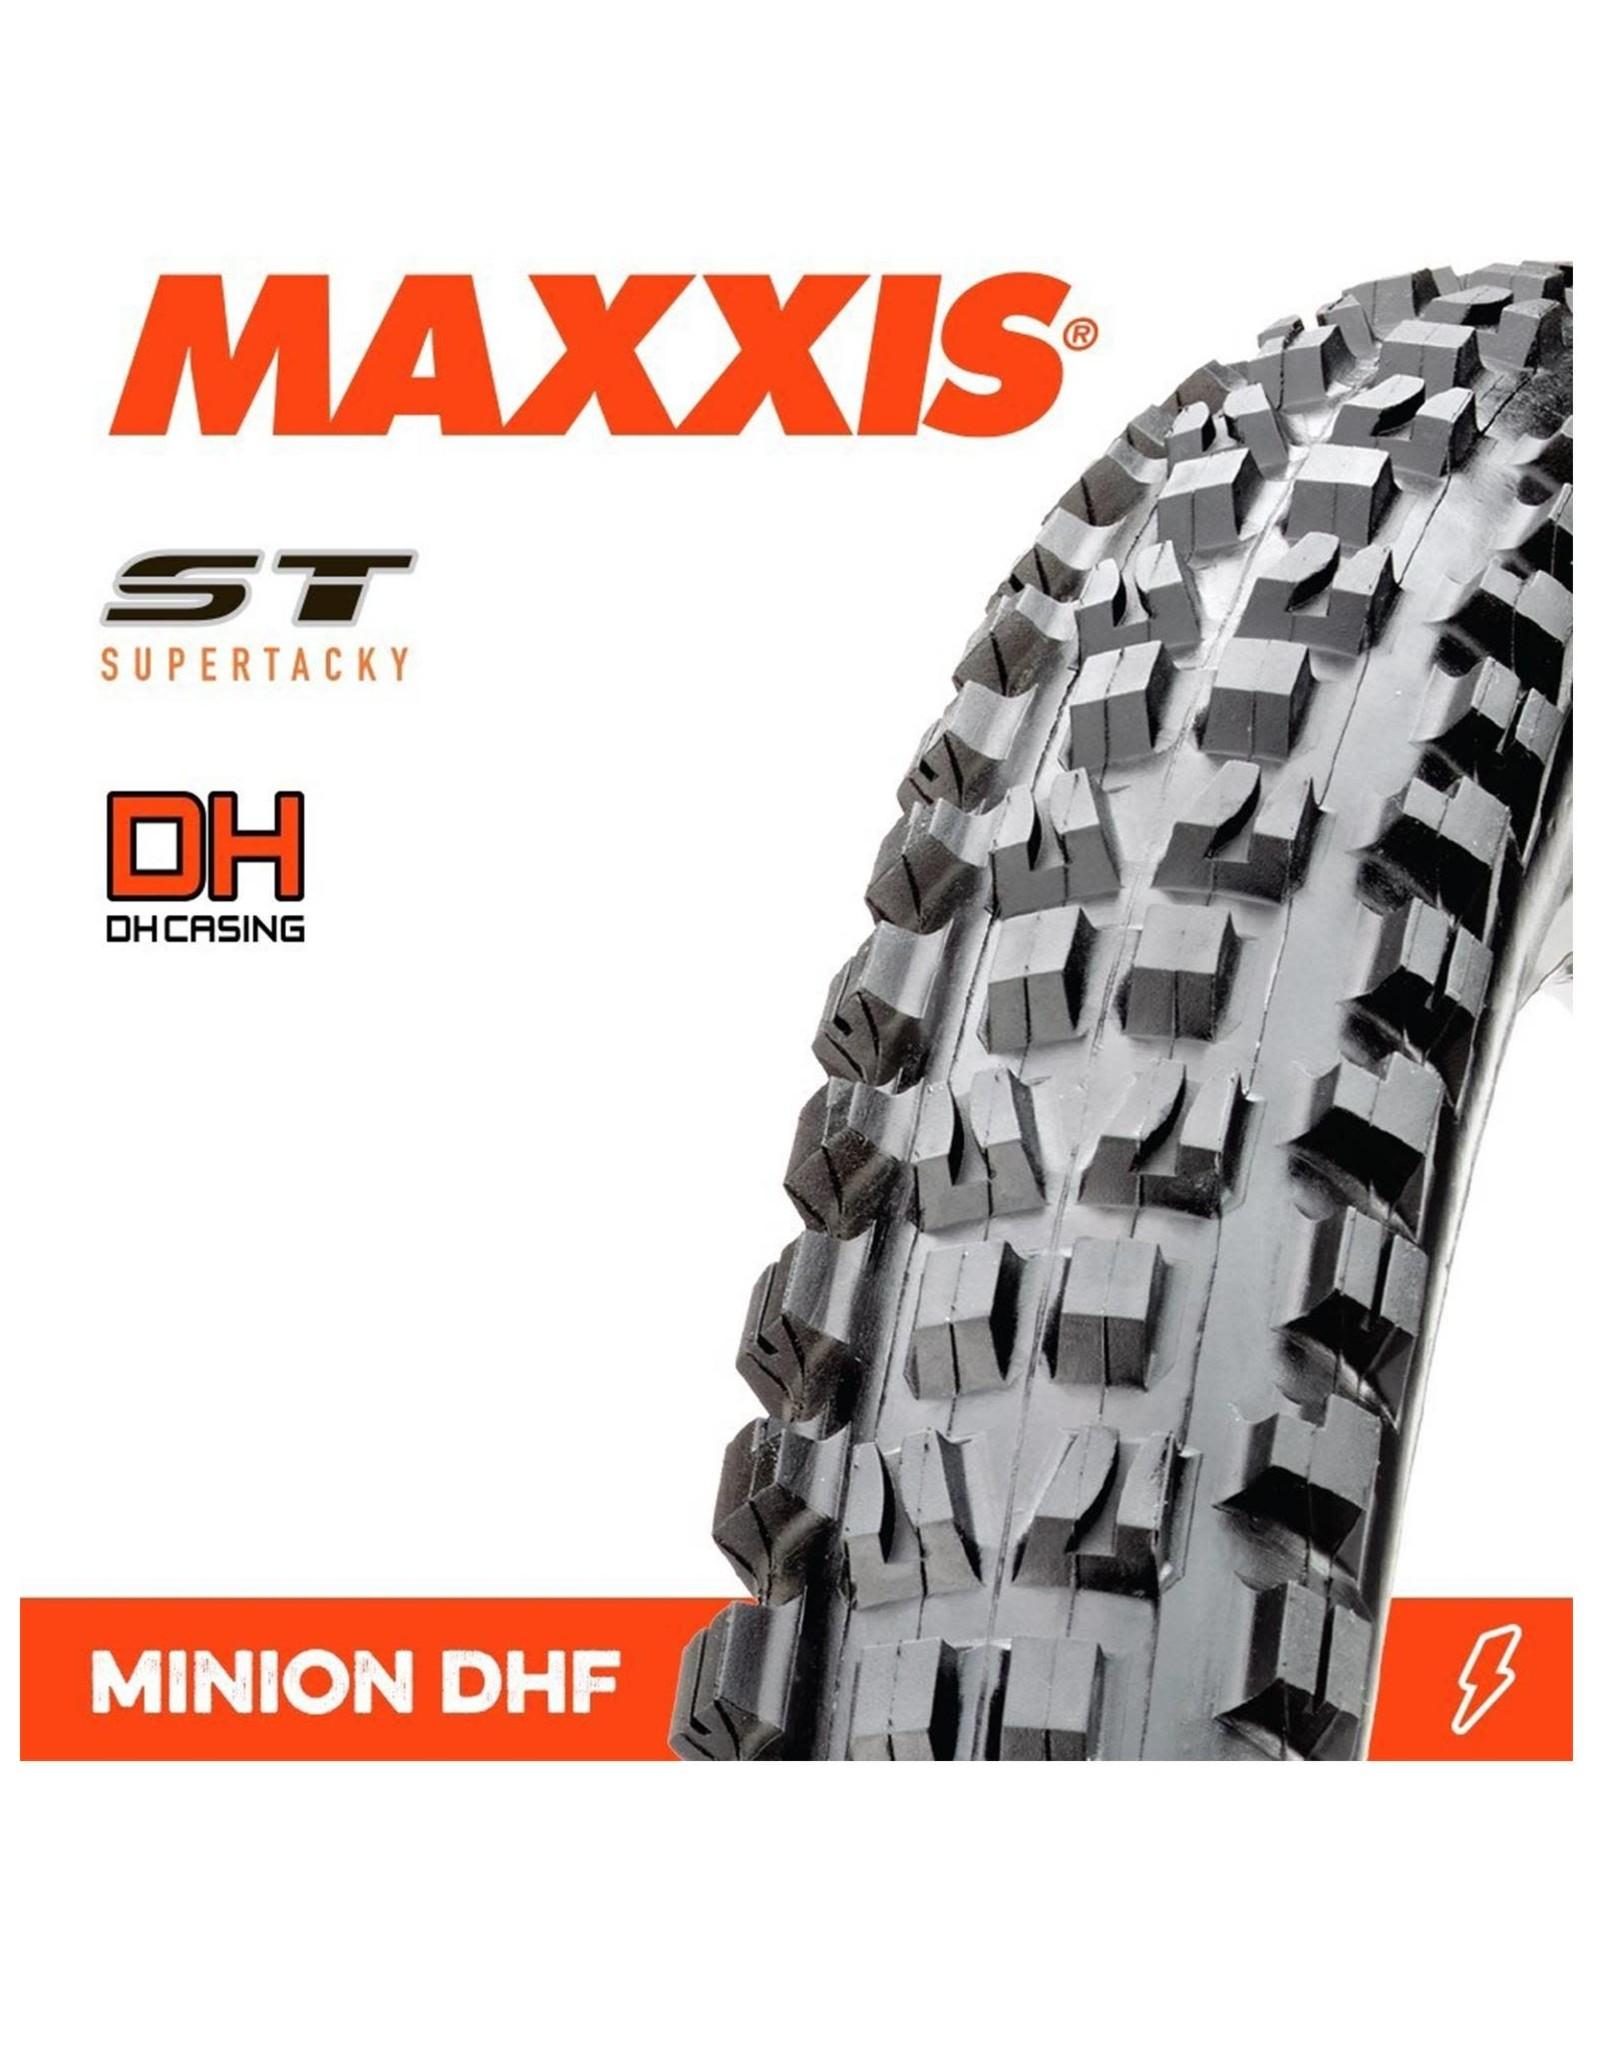 Maxxis Minion DHF 27.5 X 2.5 ST DH Tyre